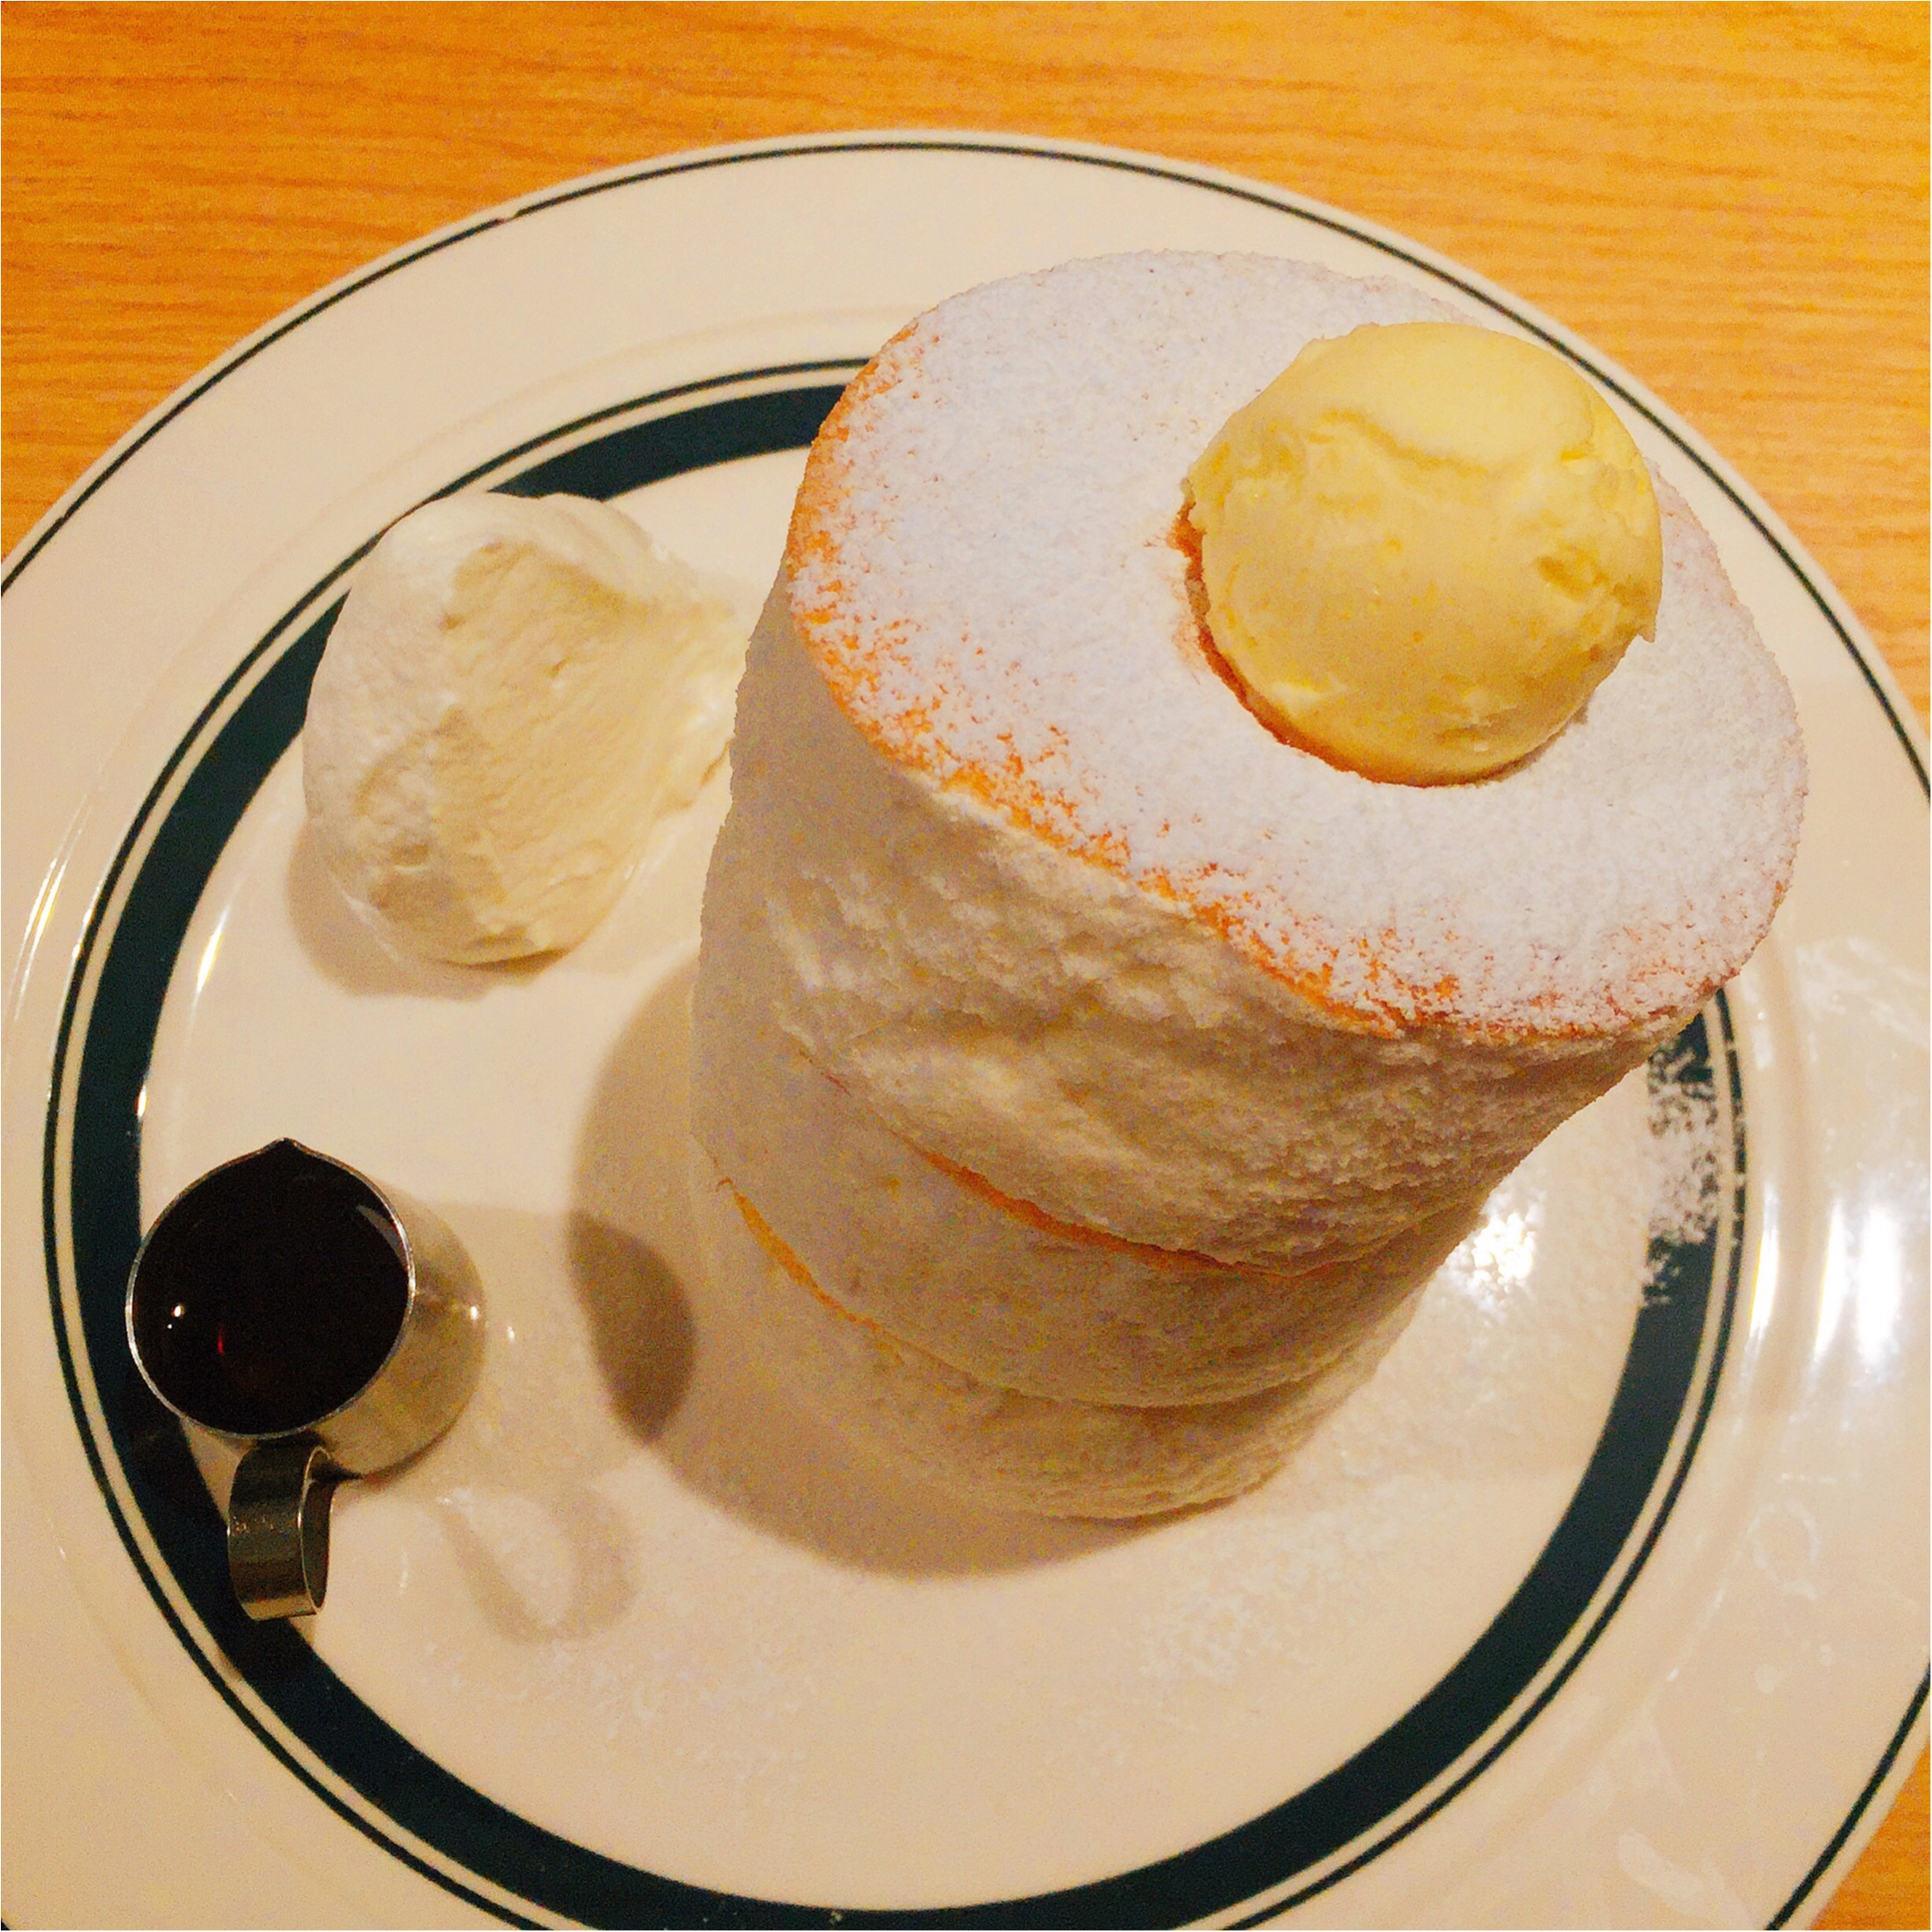 【パンケーキ】1日3回各回20食限定!ぷるっ。ふわっ。大人気『gram』に土曜朝一で並んできました♩_4